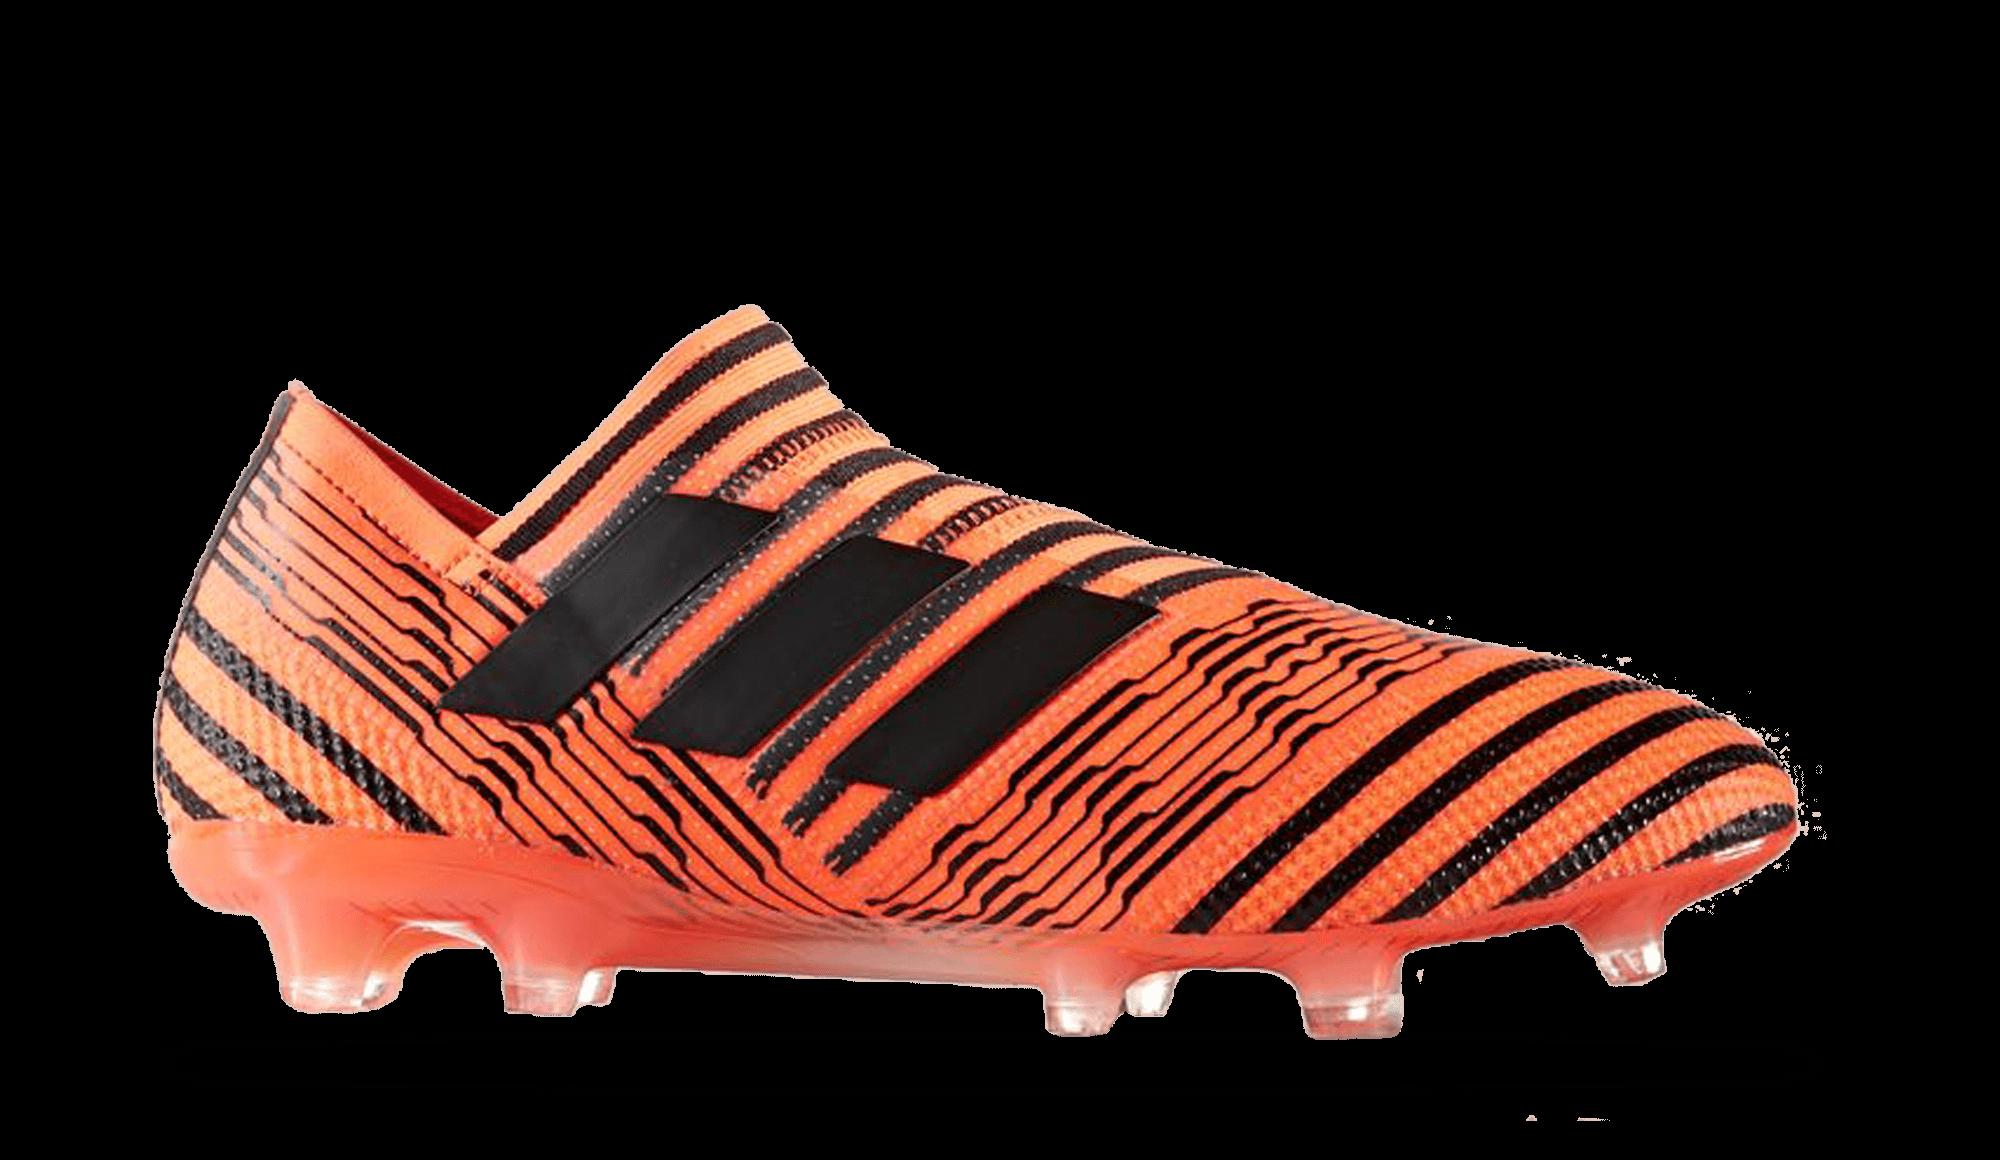 Linia adidas Nemeziz ???Buty, korki piłkarskie ???futbolsport.pl